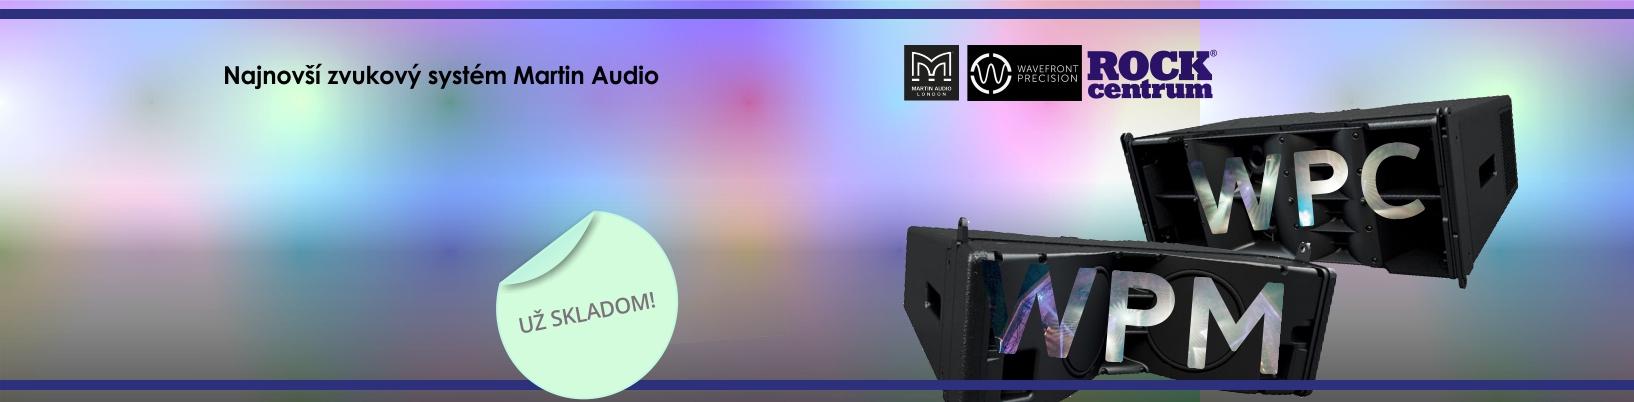 Najnovší zvukový systém Martin Audio už na sklade - systém WPM a systém WPC